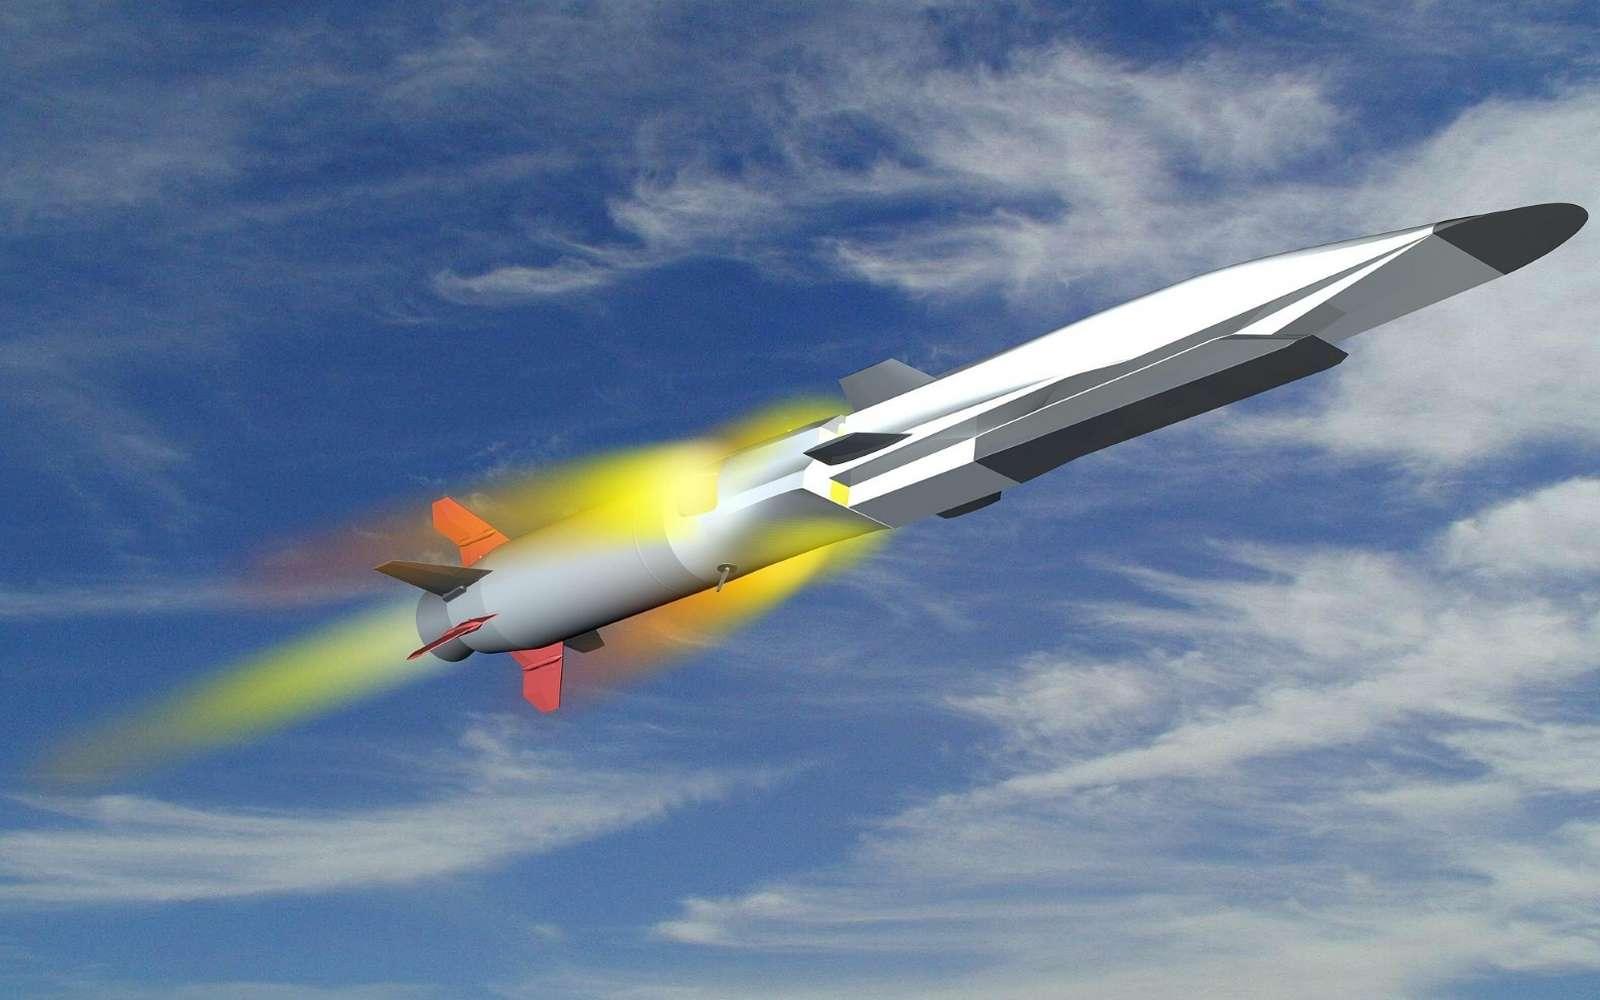 Equipé d'un superstatoréacteur, le X51 Waverider conçu par Boeing est potentiellement capable d'atteindre Mach 6. De son côté, la France compte mettre au point un planeur hypersonique aussi performant. © Boeing